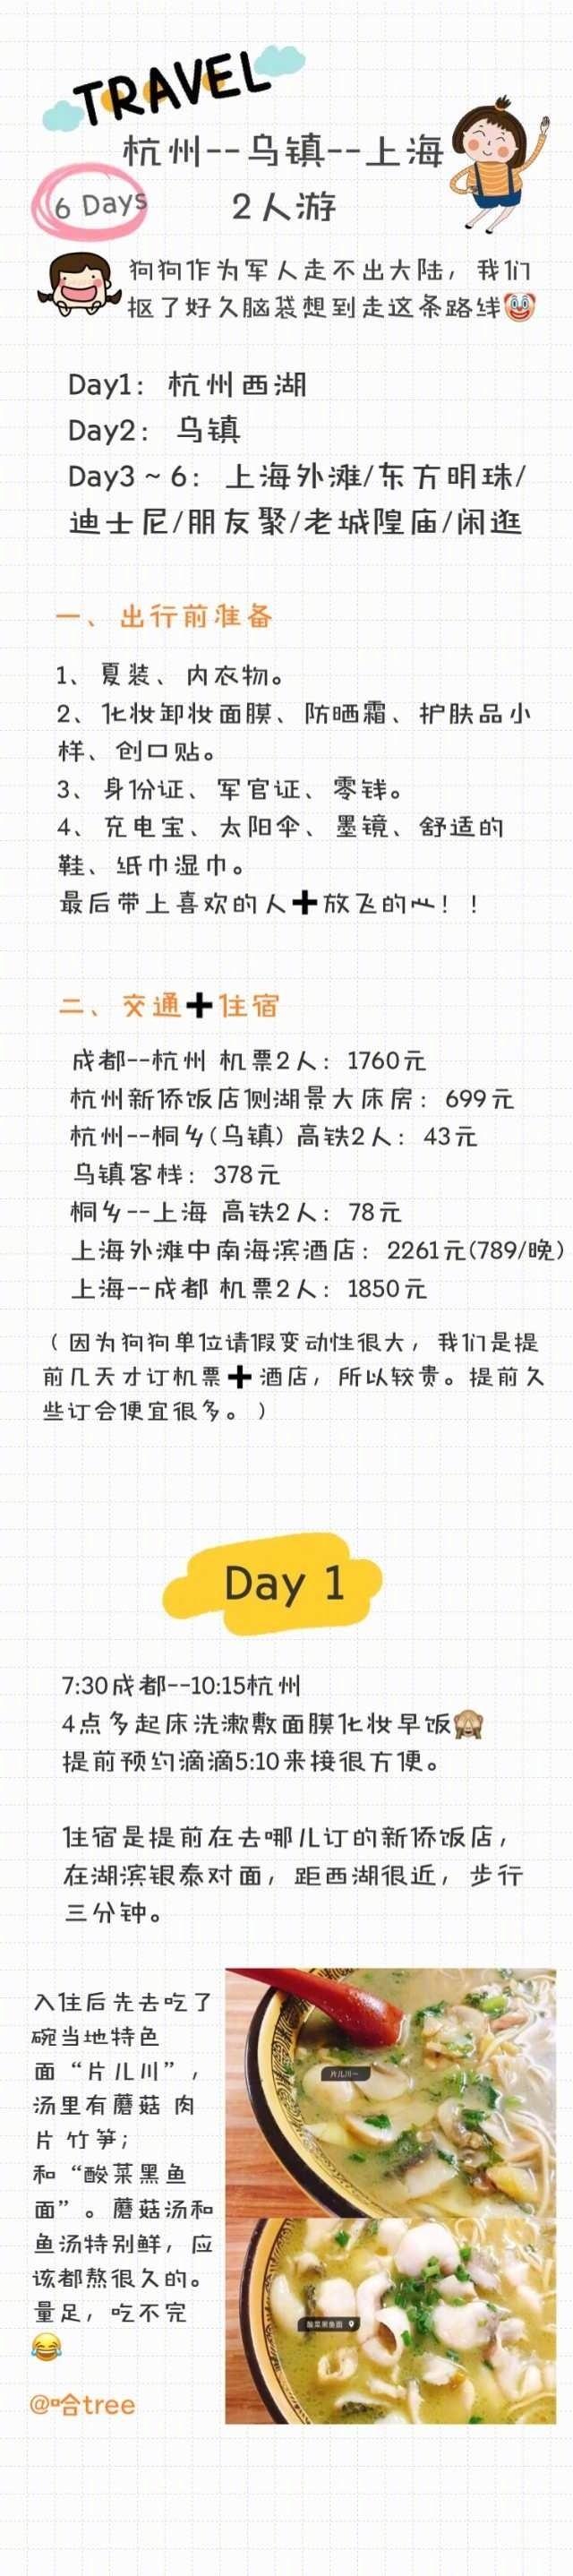 杭州西湖-乌镇-上海迪士尼